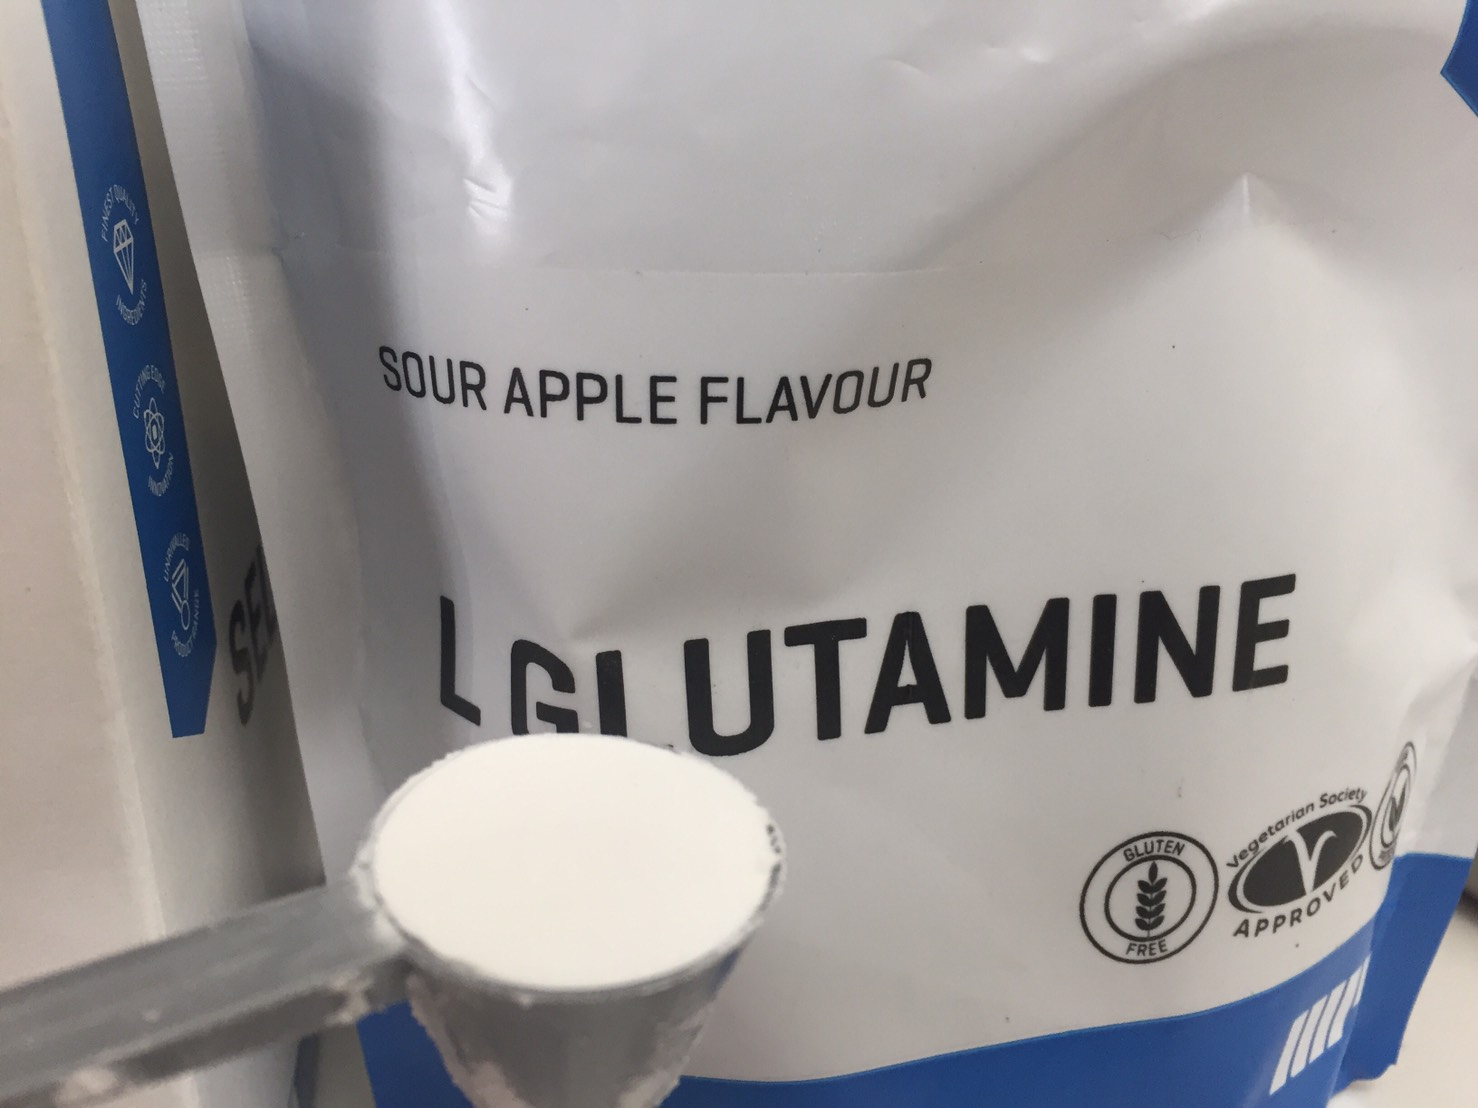 L-グルタミン「SOUR APPLE FLAVOUR(サワーアップル味)」のスプーン一杯の様子